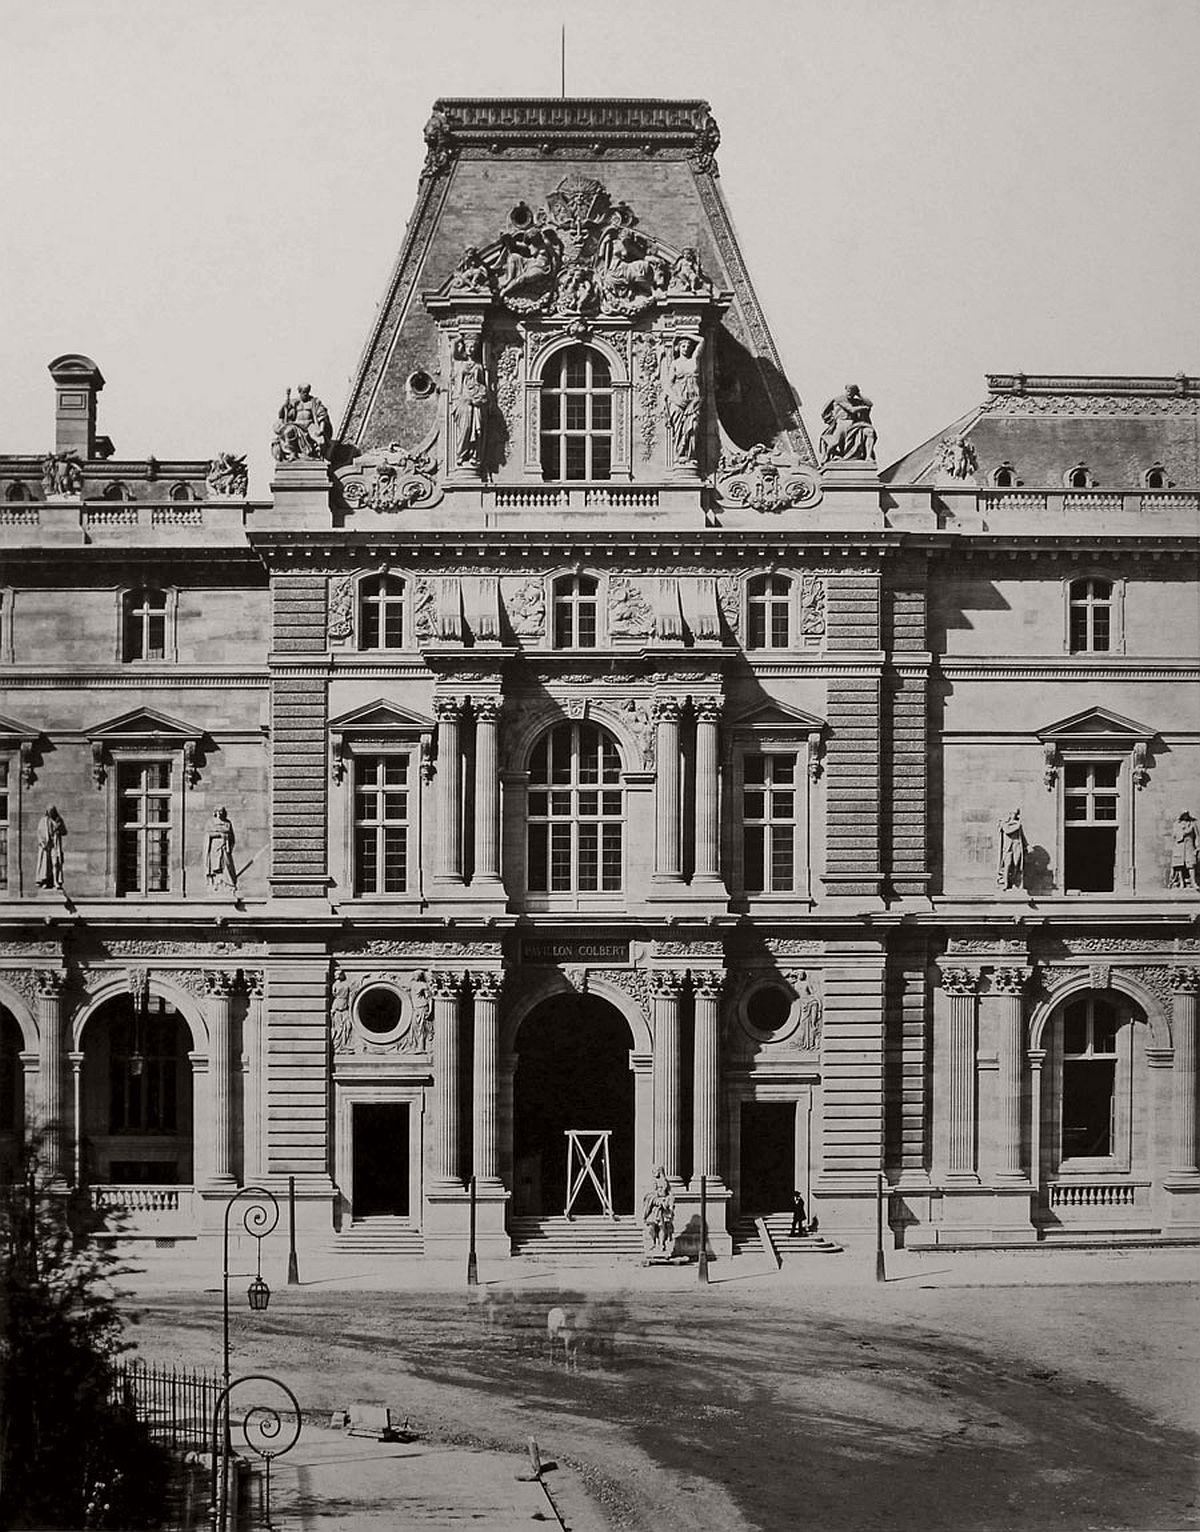 Edouard Baldus Pavillon Colbert, Nouveau Louvre, Paris c. 1855